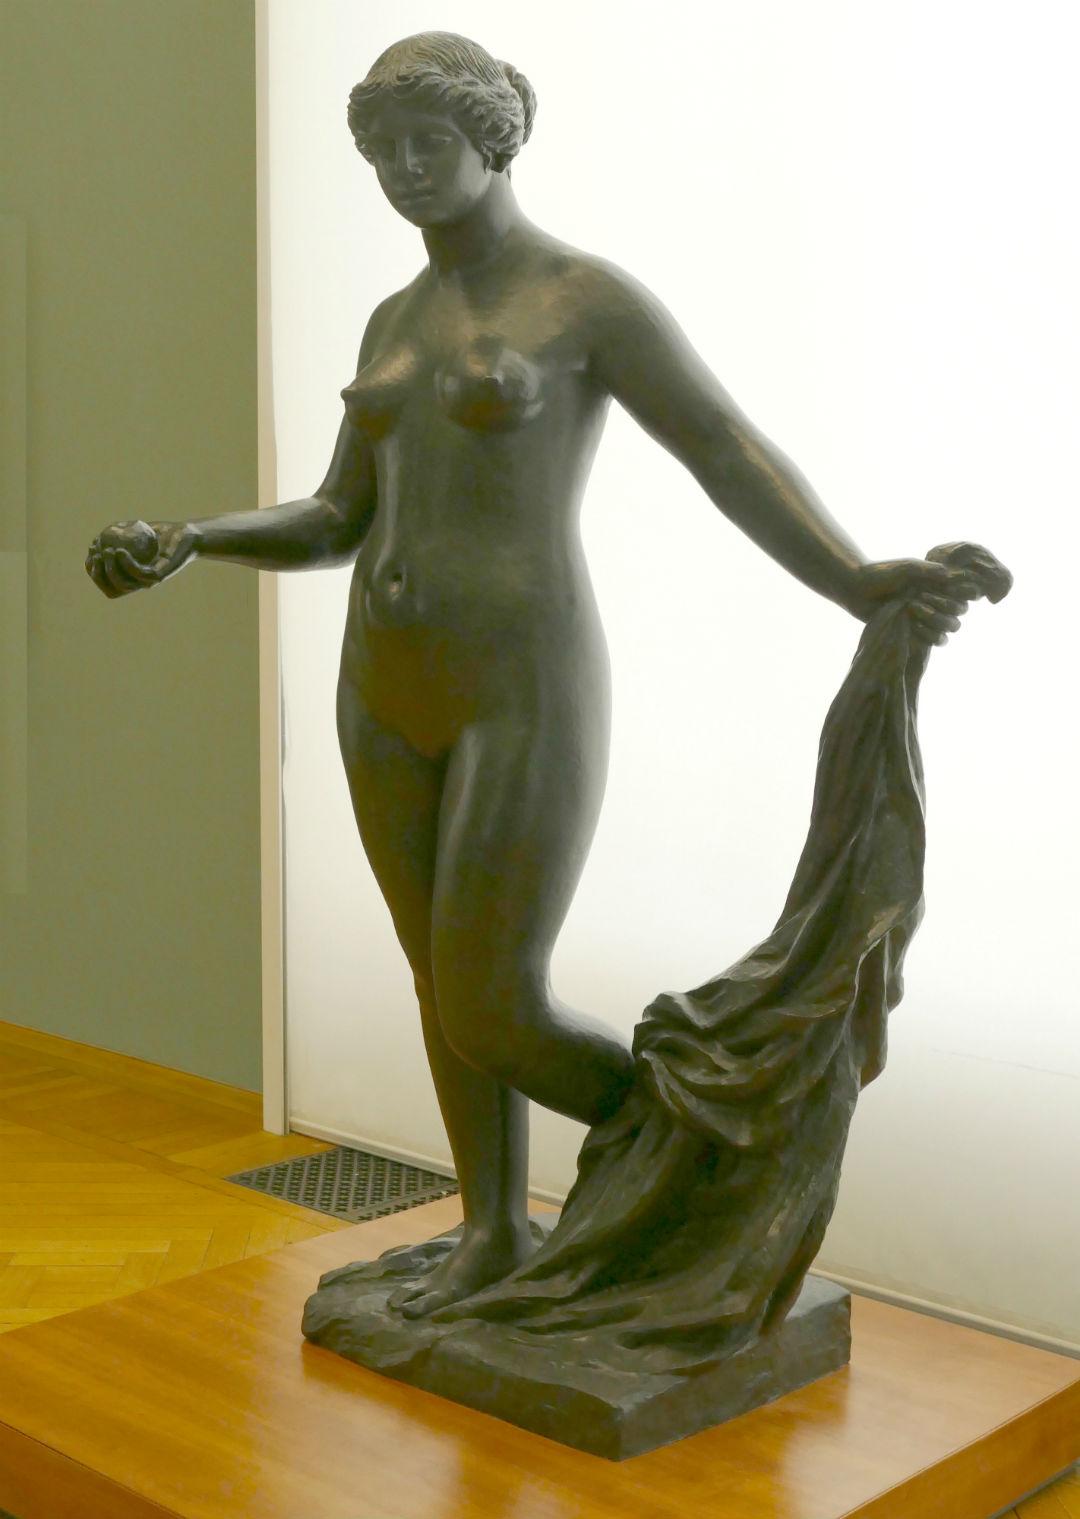 Fundición de la Venus Victoriosa en el Ekebergparken Sculpture Park de Oslo